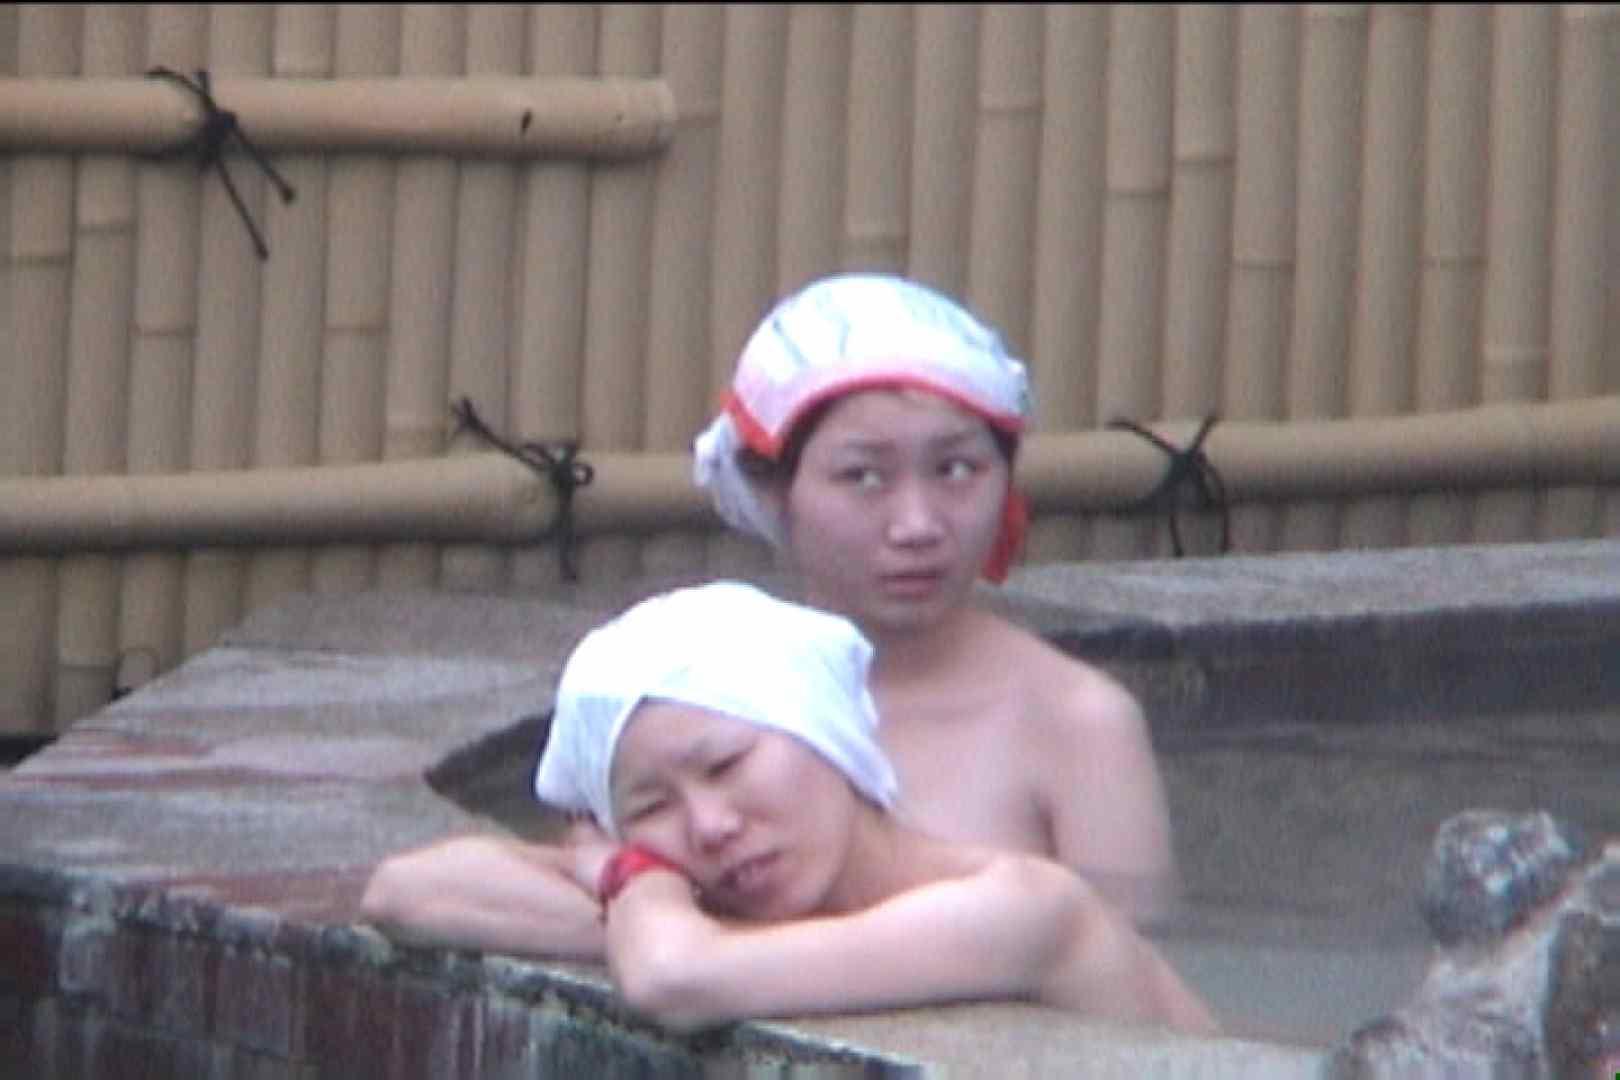 Aquaな露天風呂Vol.91【VIP限定】 露天 | 盗撮  109枚 25